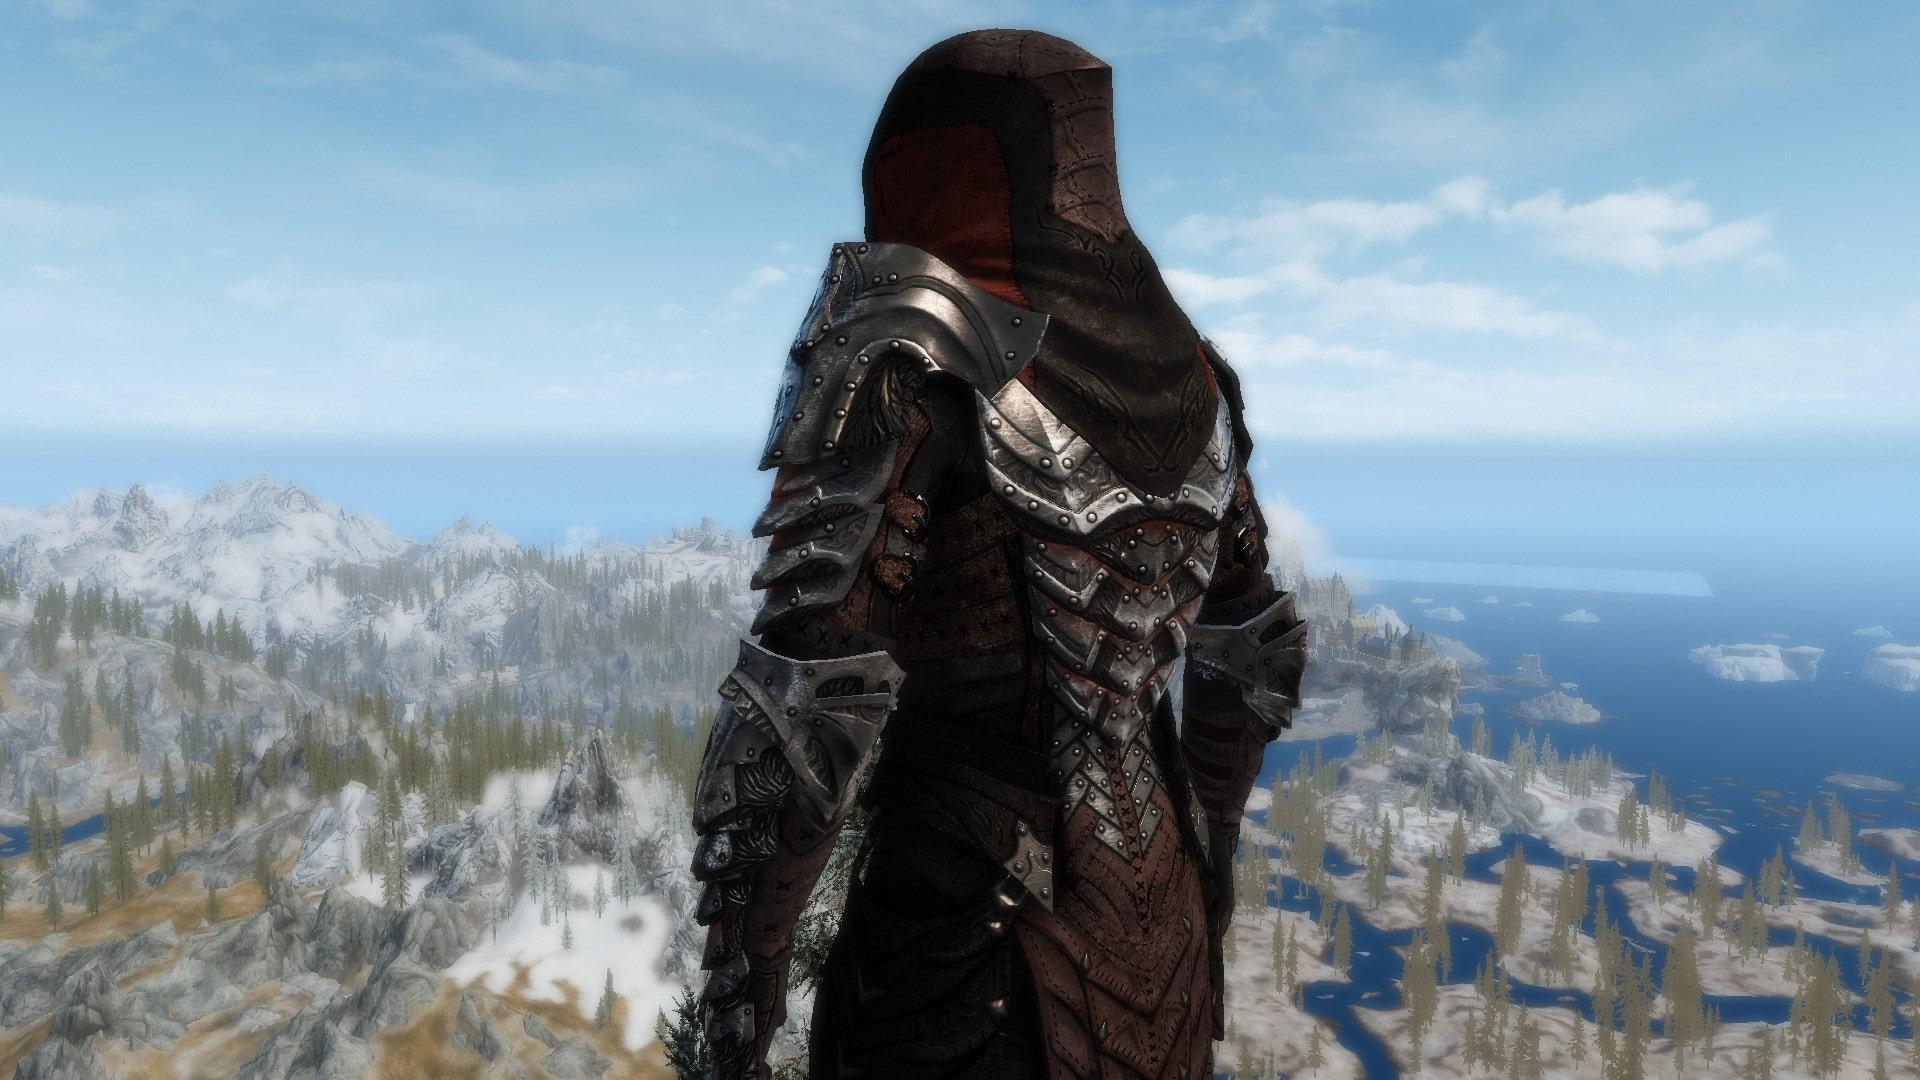 kynreeve armor